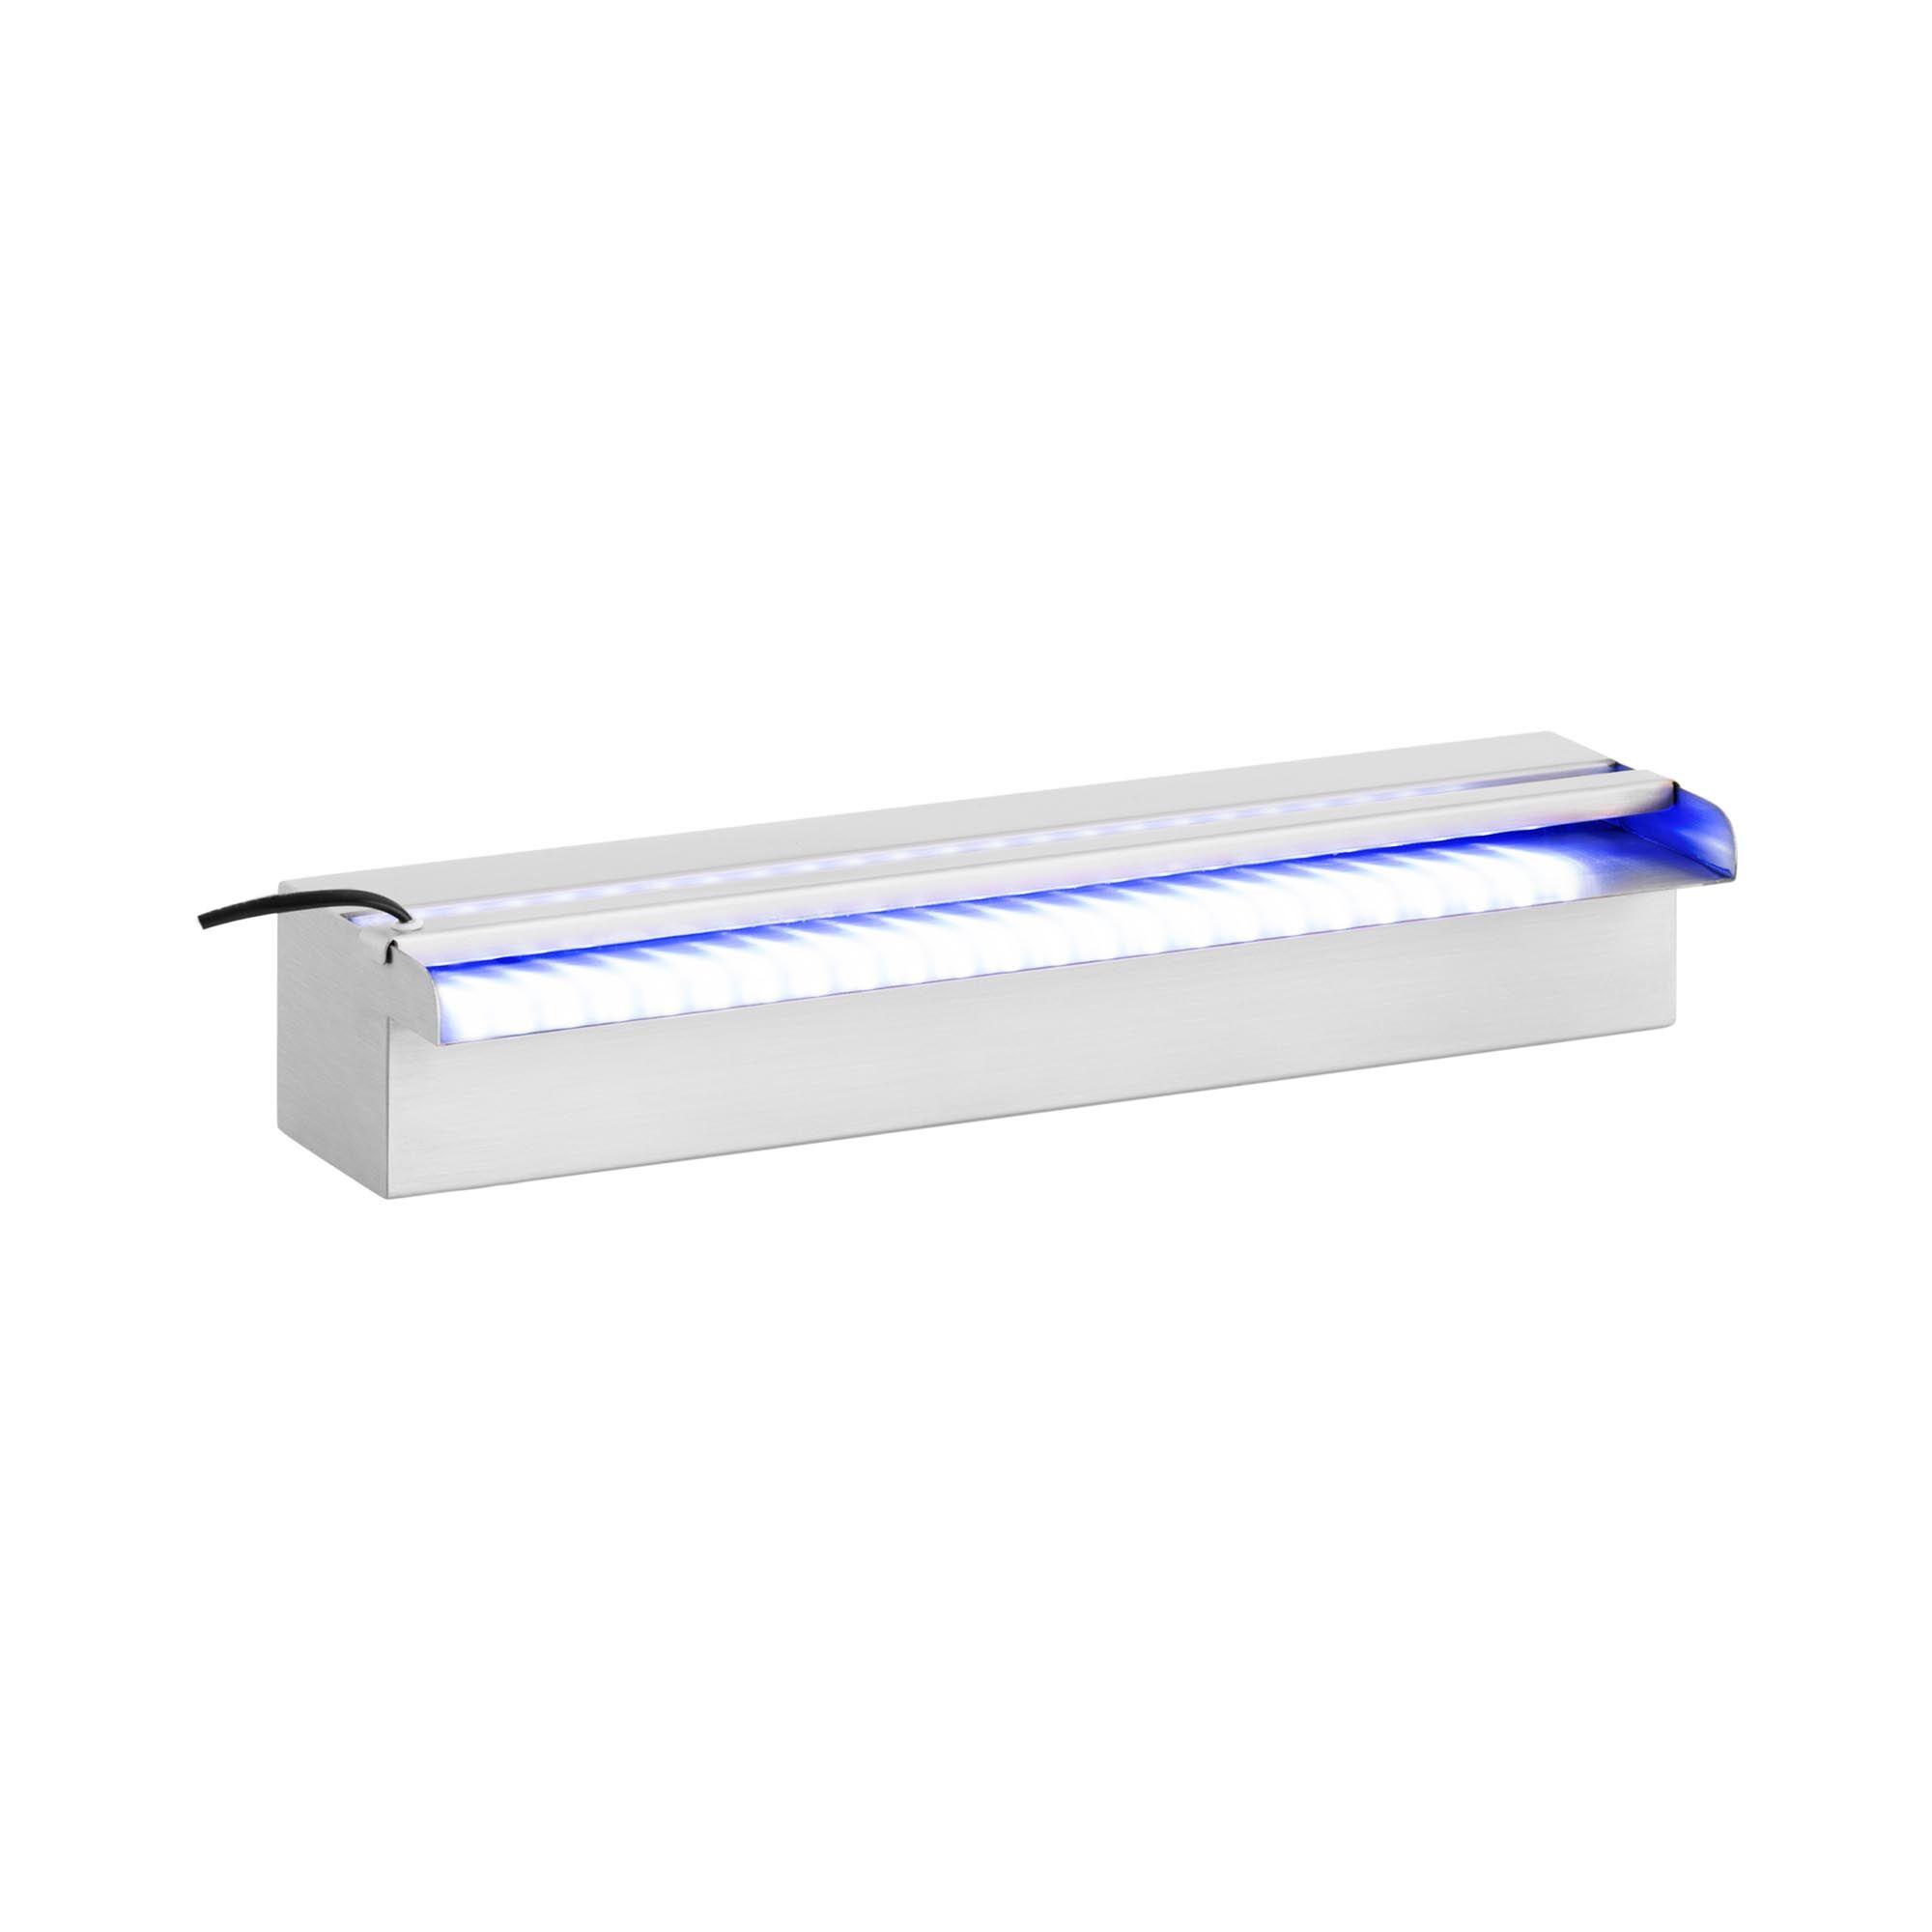 Uniprodo Fontaine piscine - 60 cm - Éclairage LED UNI_WATER_10